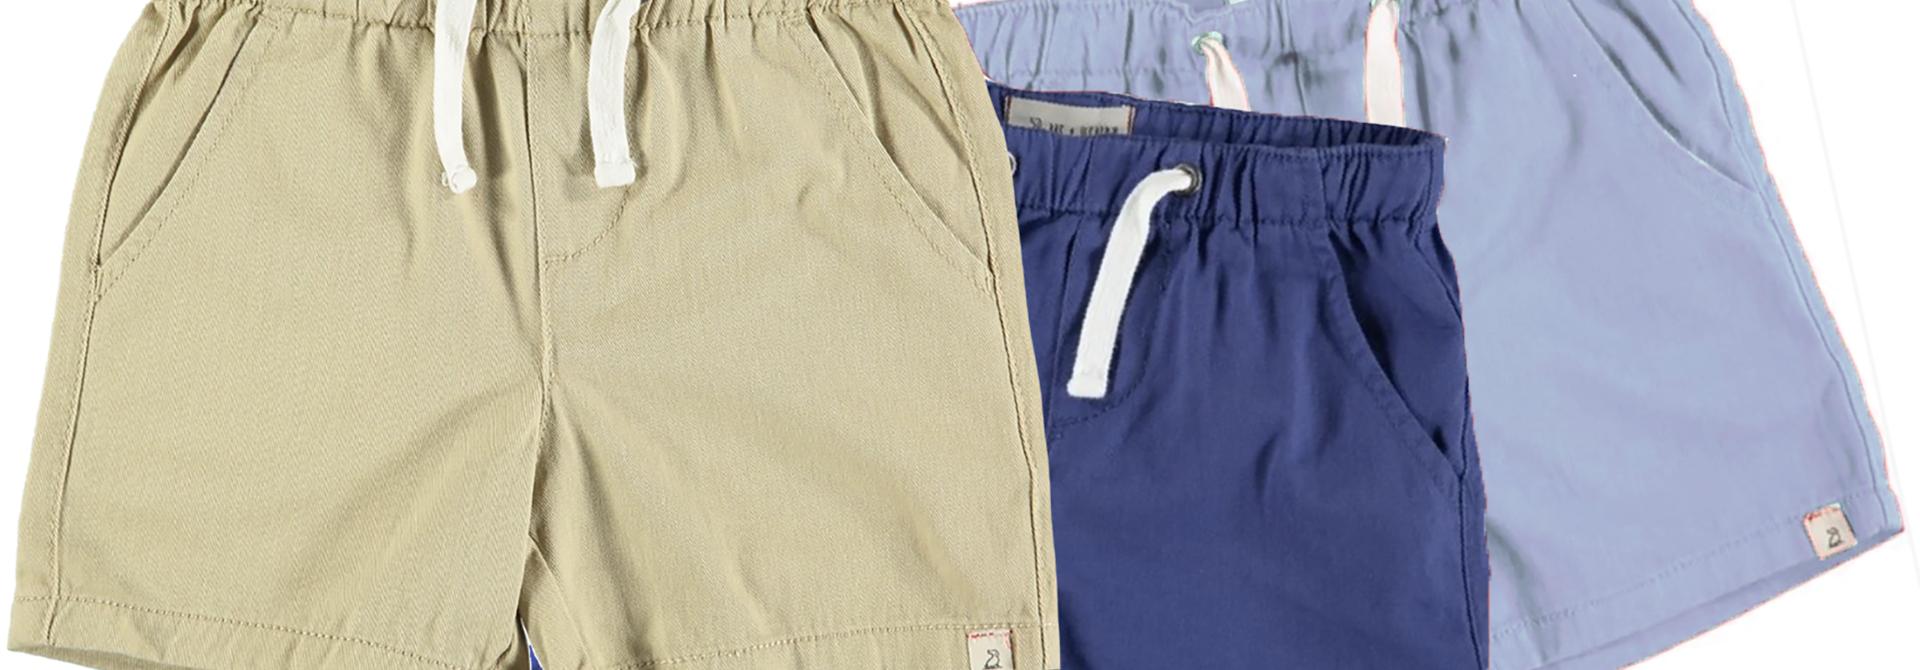 Kid's Twill Shorts